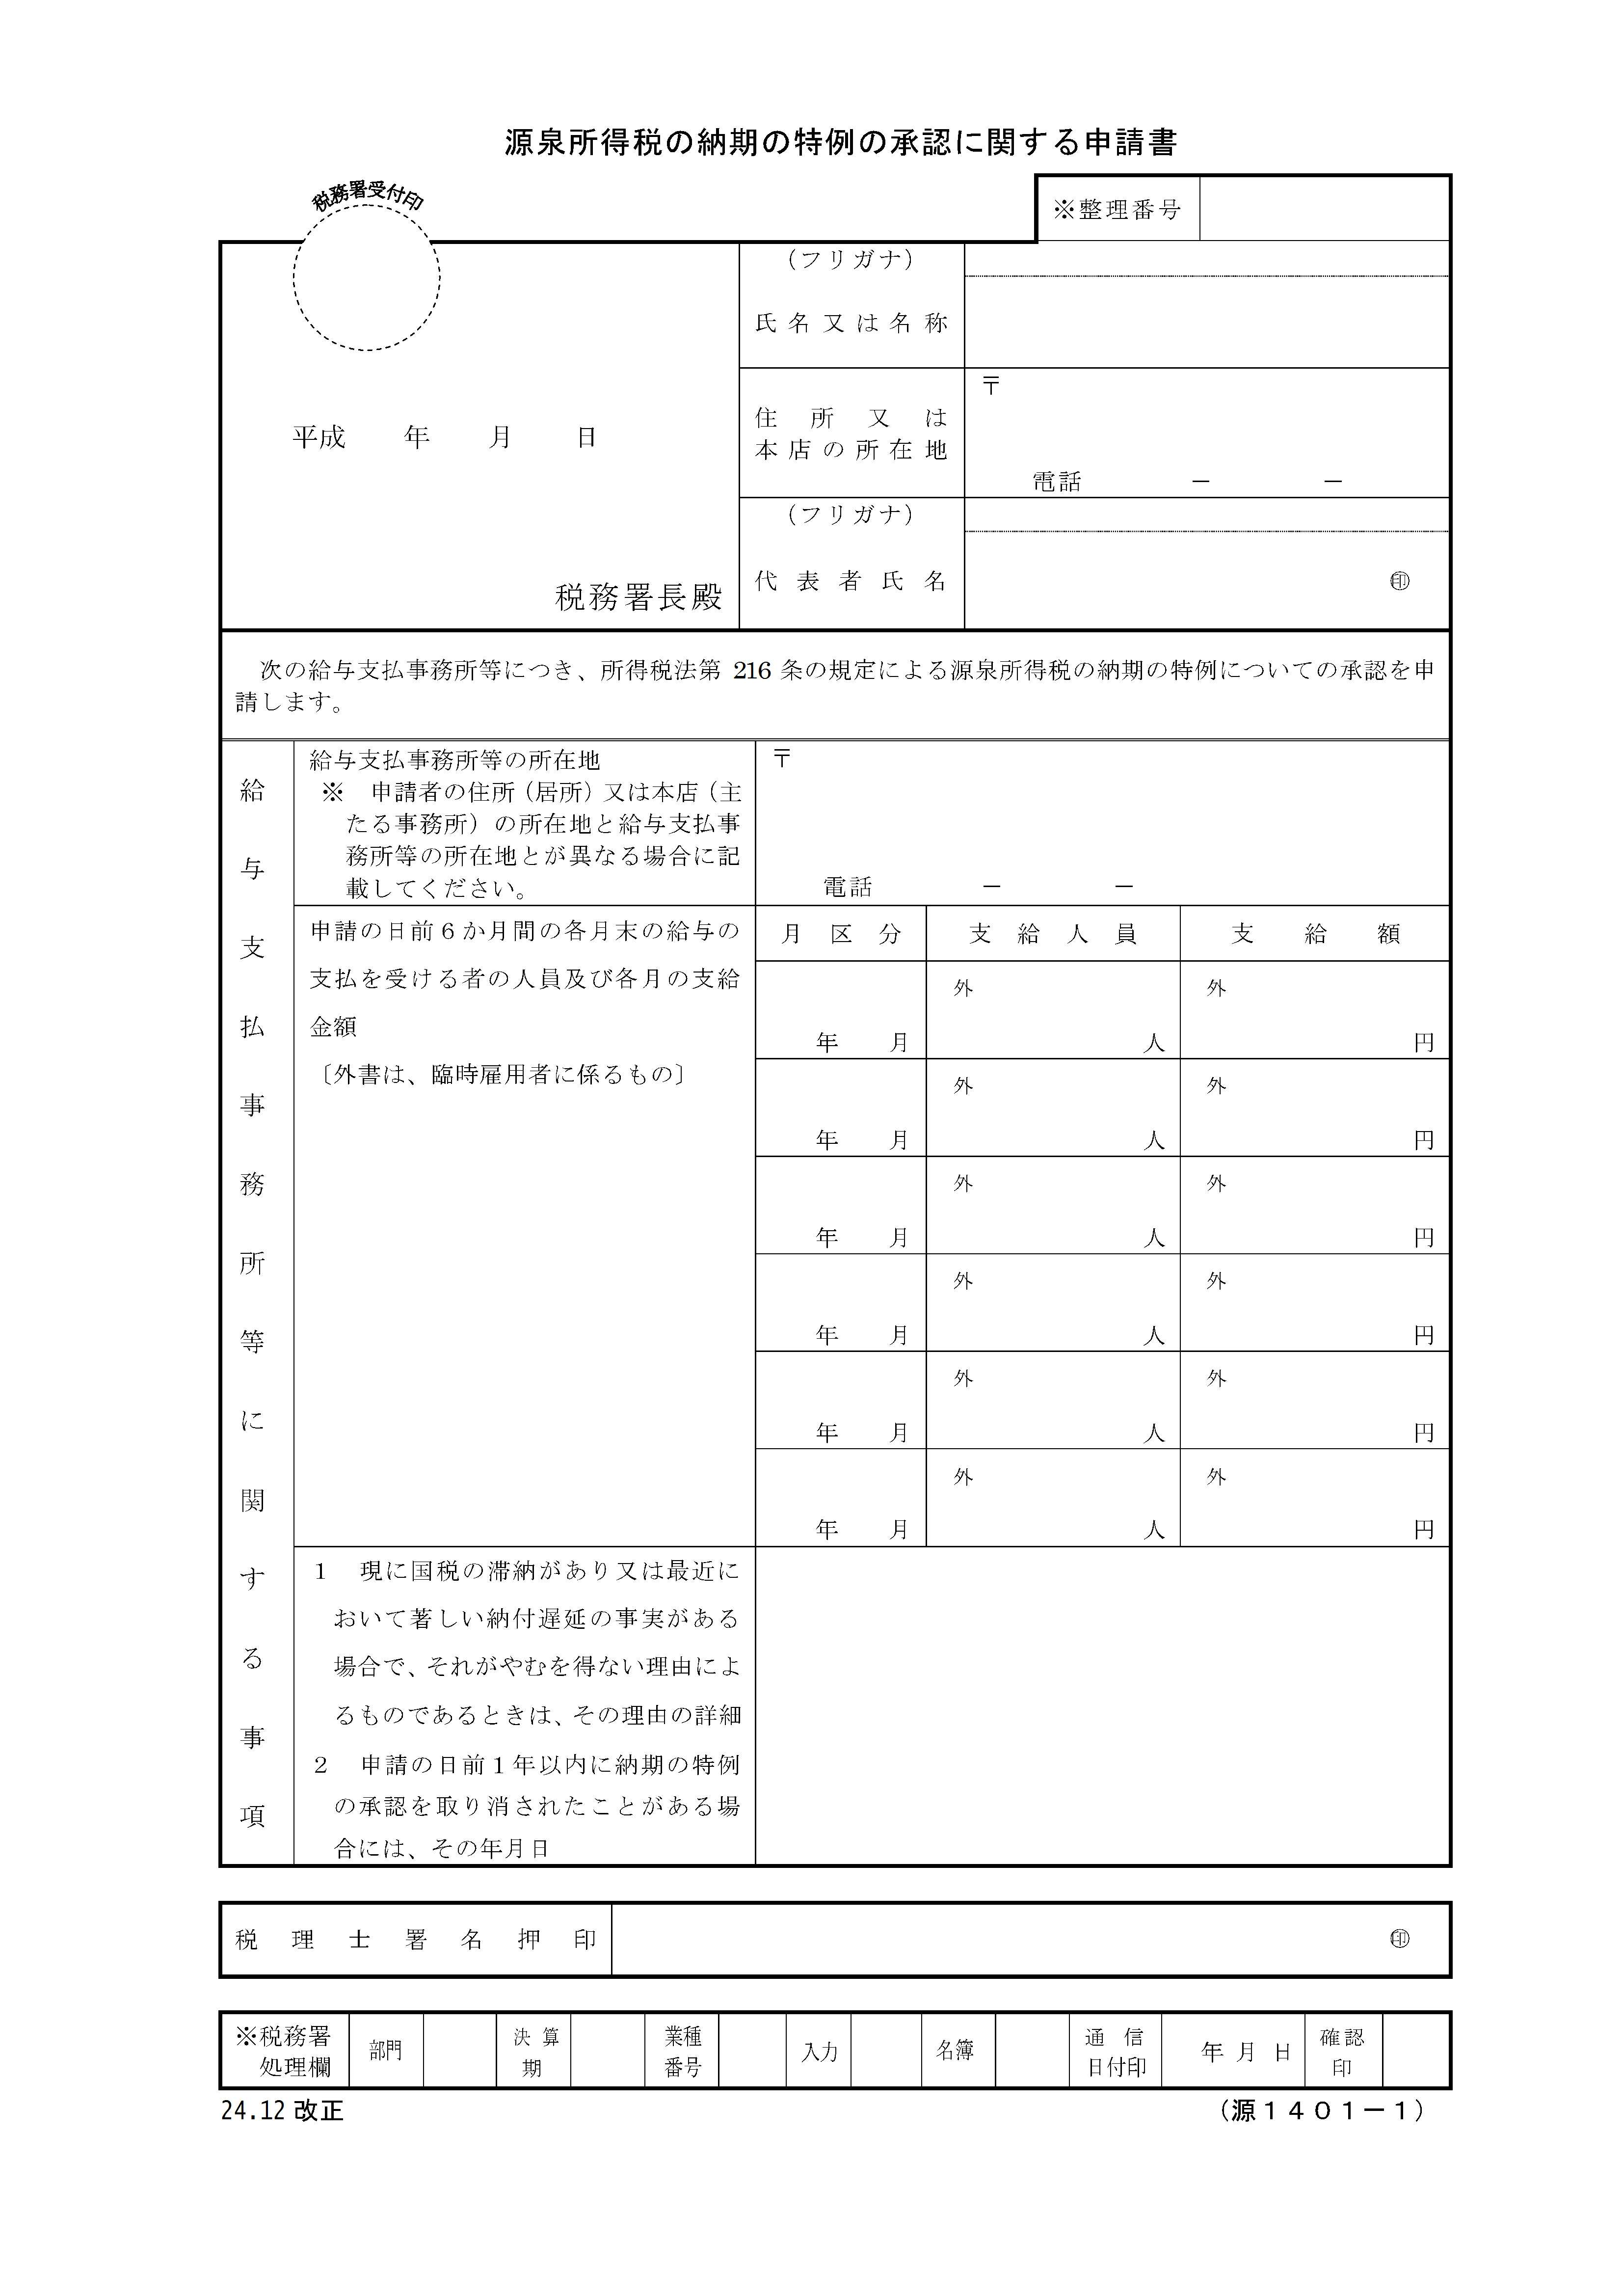 源泉所得税の納期の特例の承認に関する申請書.jpg